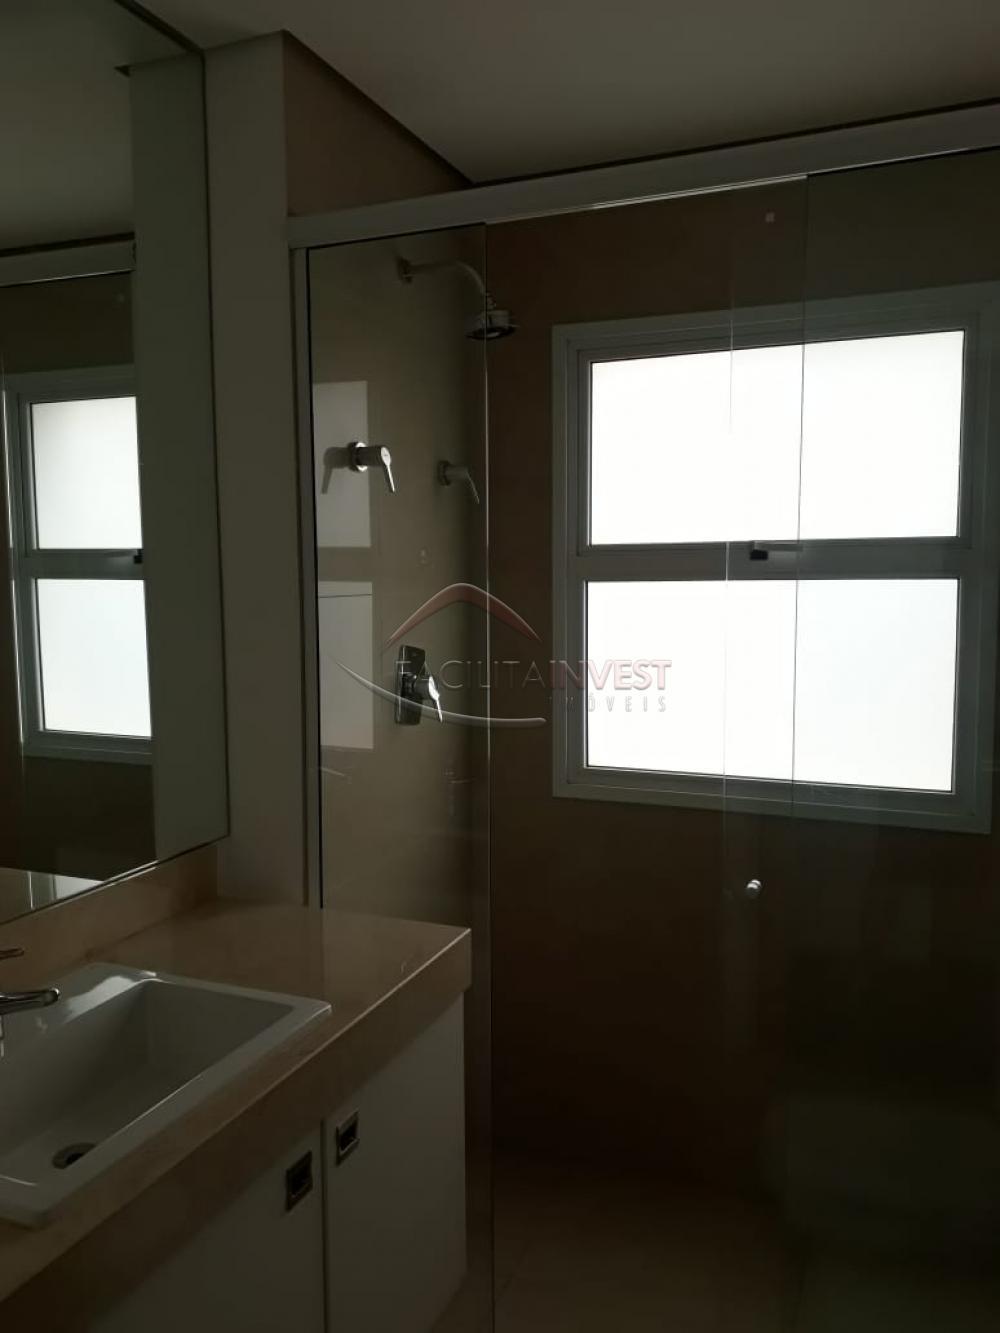 Alugar Apartamentos / Apart. Padrão em Ribeirão Preto apenas R$ 10.000,00 - Foto 18